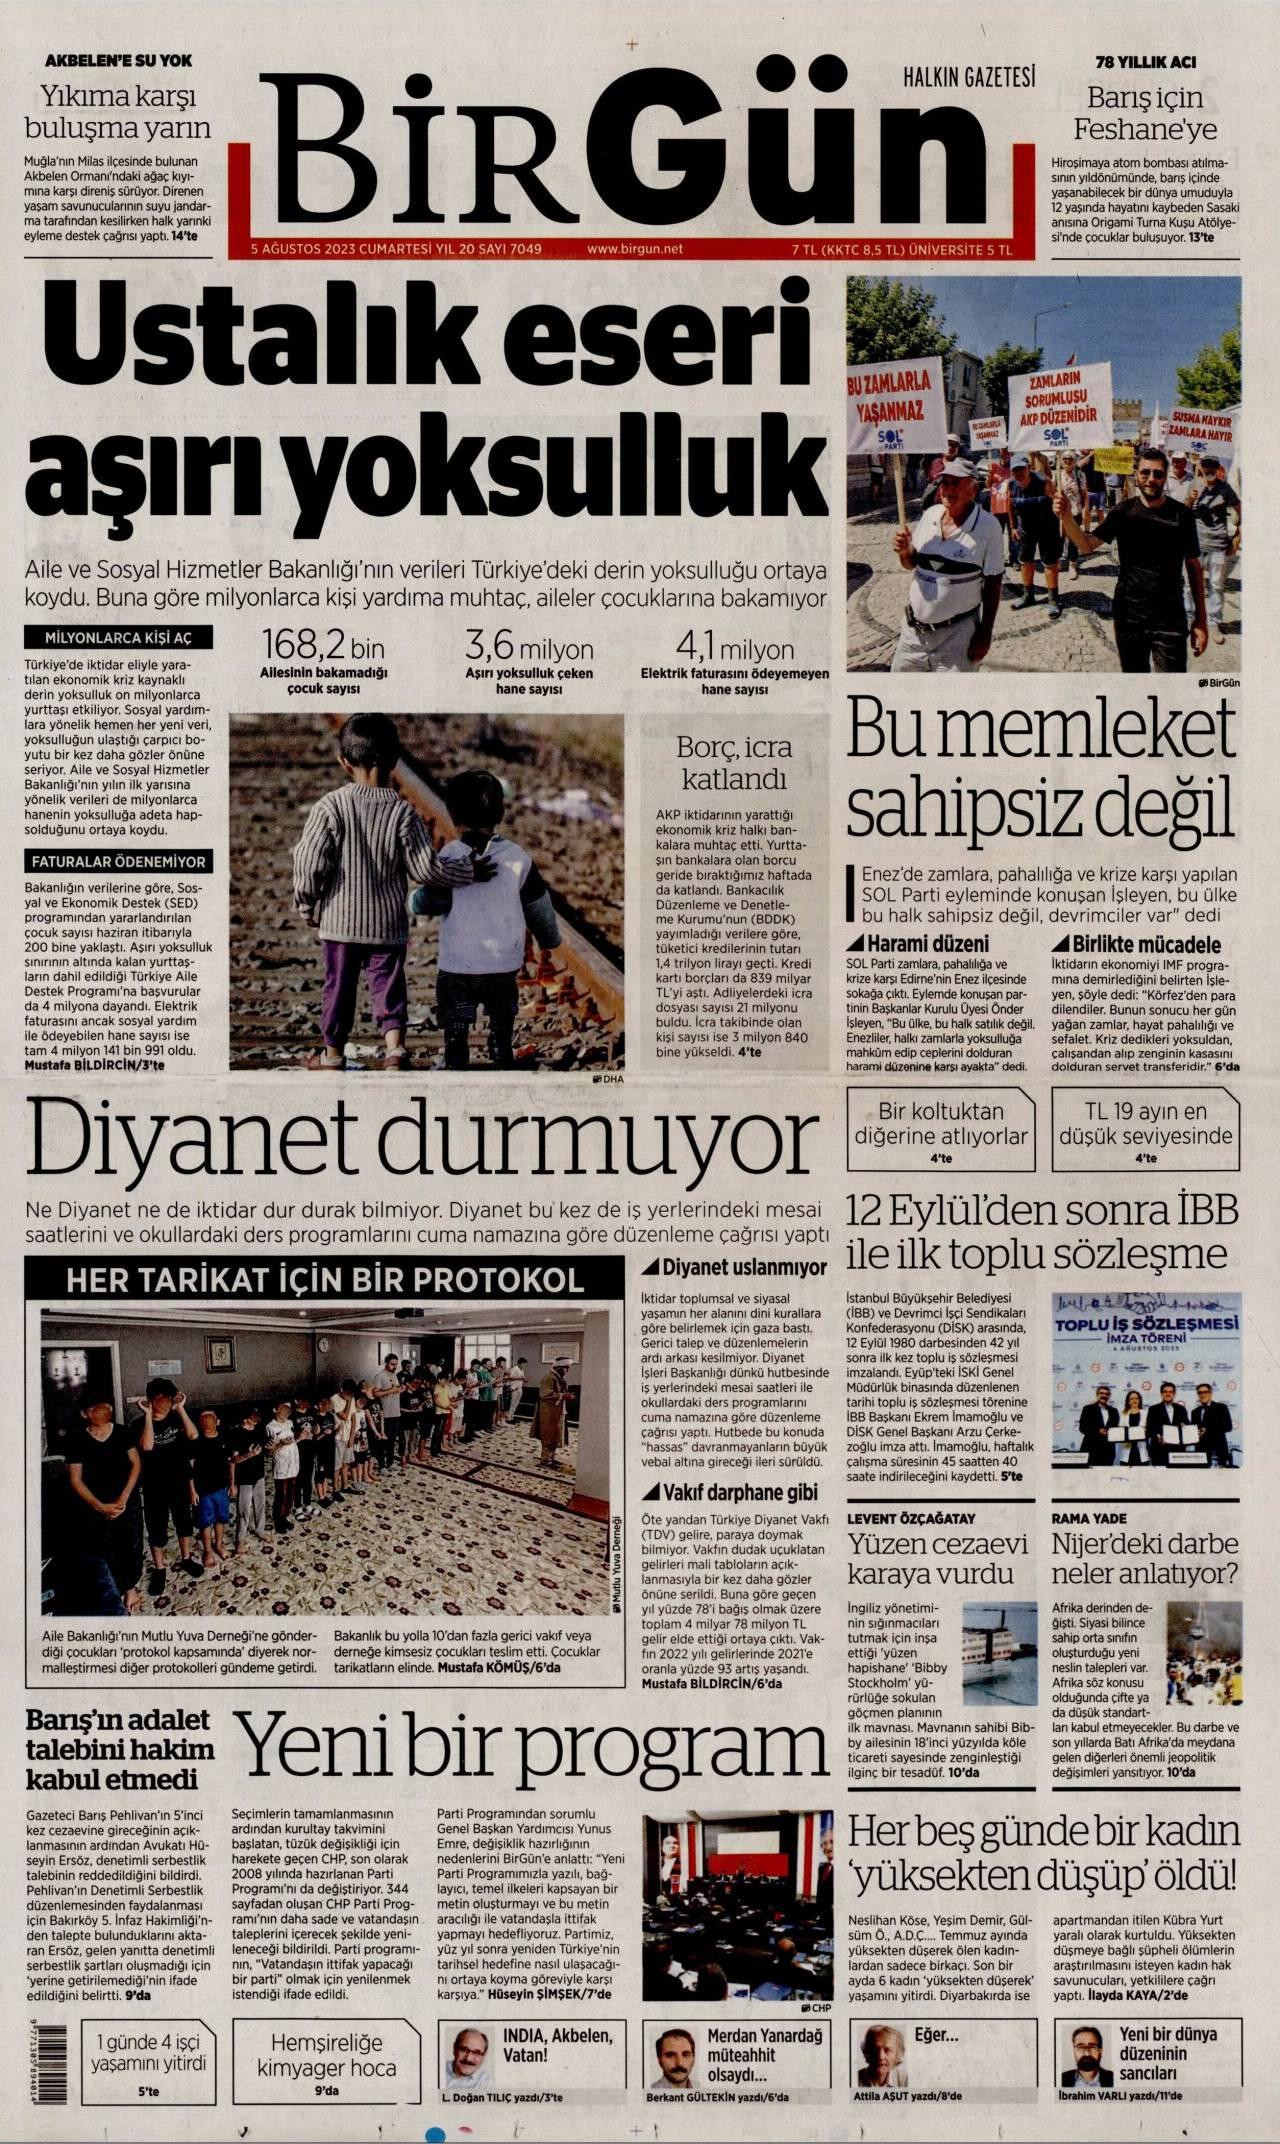 23 Temmuz 2019, Salı birgun Gazetesi